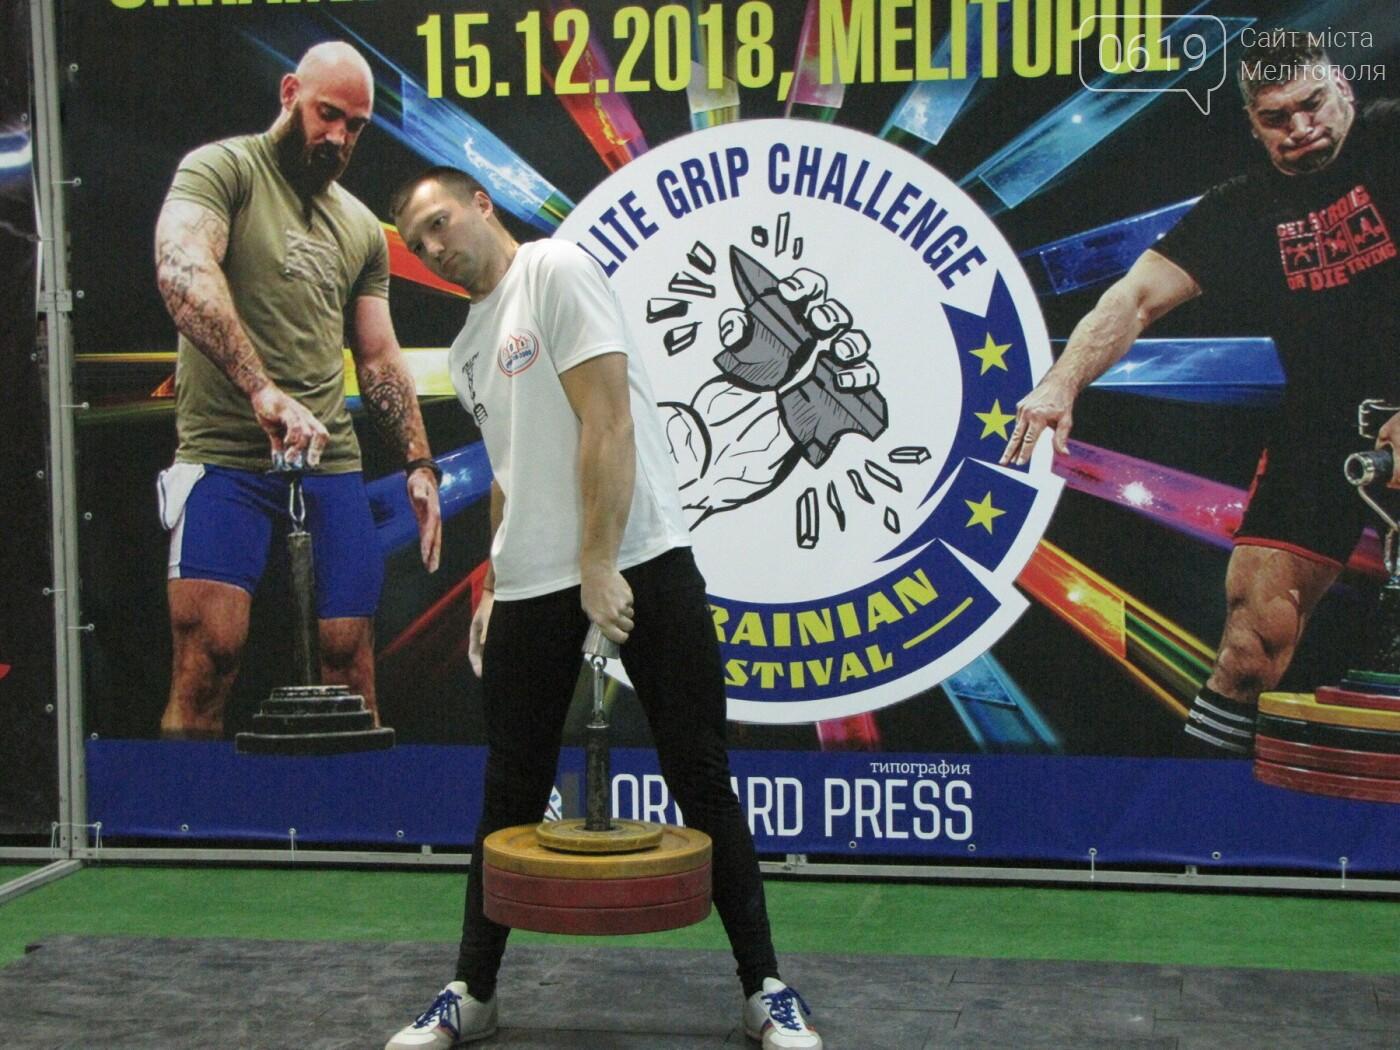 В Мелитополе сильнейшие атлеты соревновались в силе хвата, фото-9